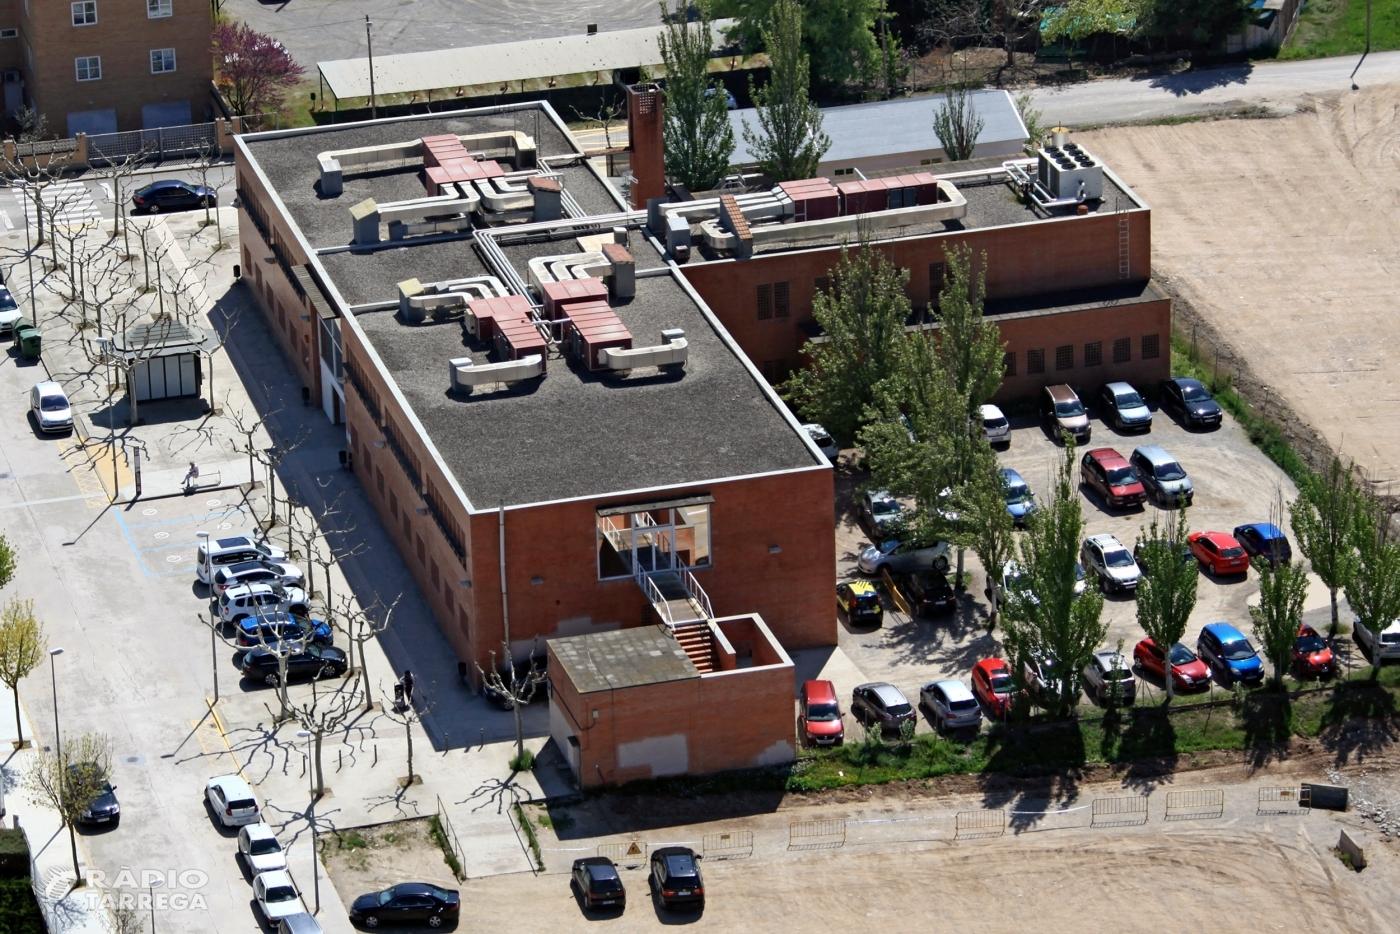 L'Ajuntament de Tàrrega adjudica la redacció del projecte constructiu que permetrà remodelar i ampliar l'edifici del CAP